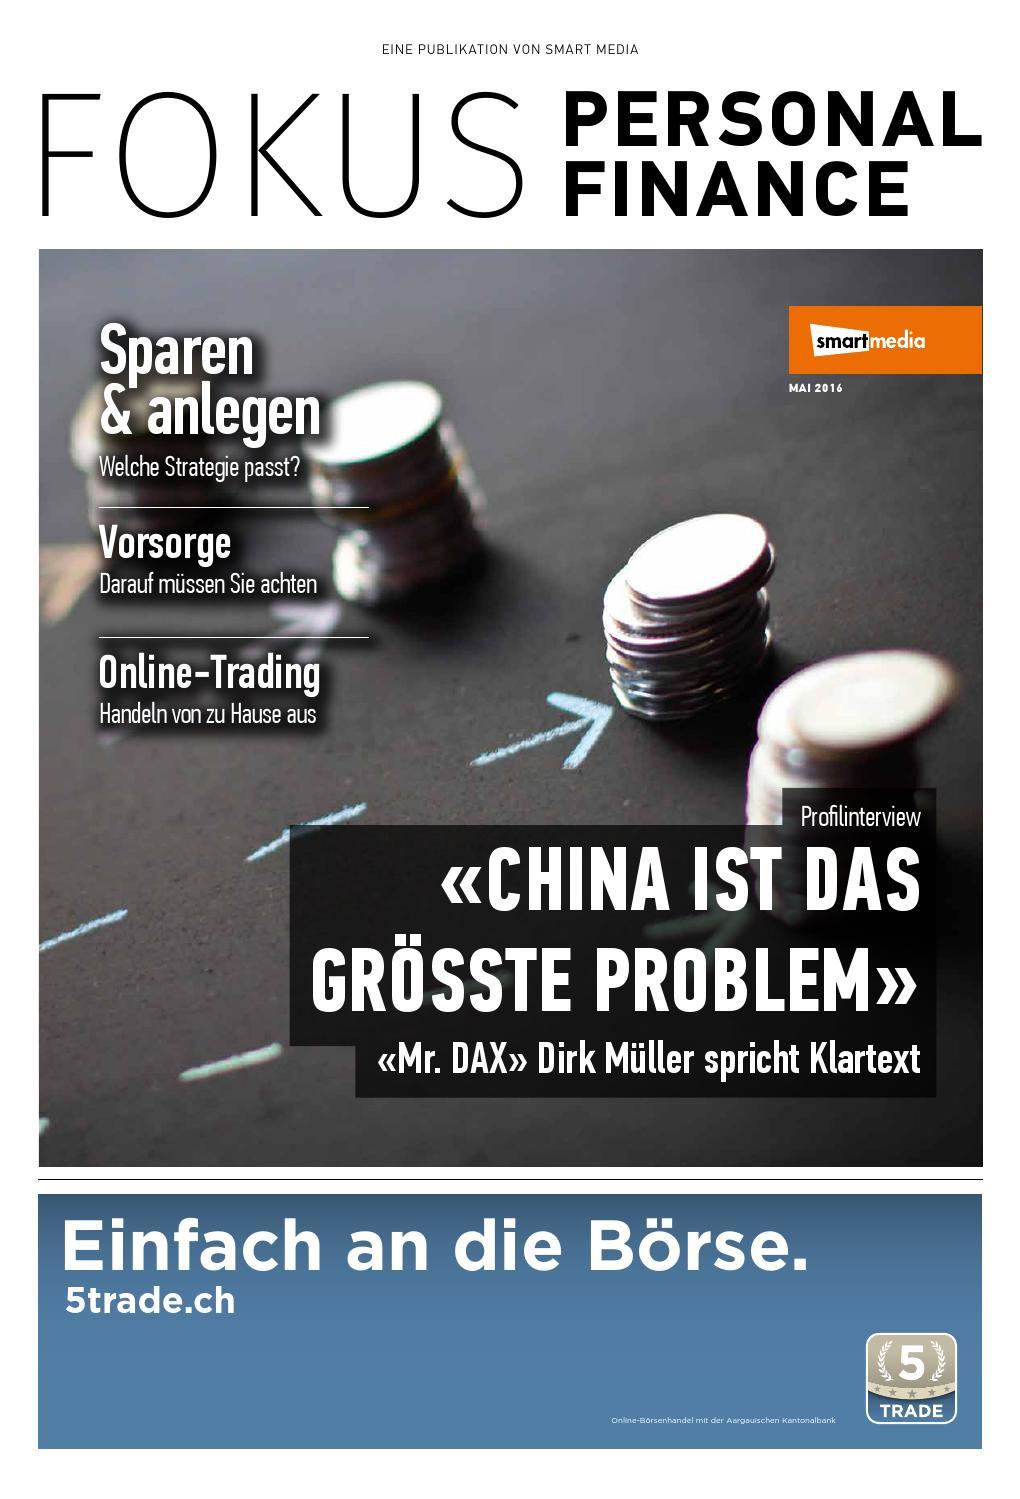 Erfreut Schlagzeile Für Frischer Mba Finanzen Bilder - Entry Level ...